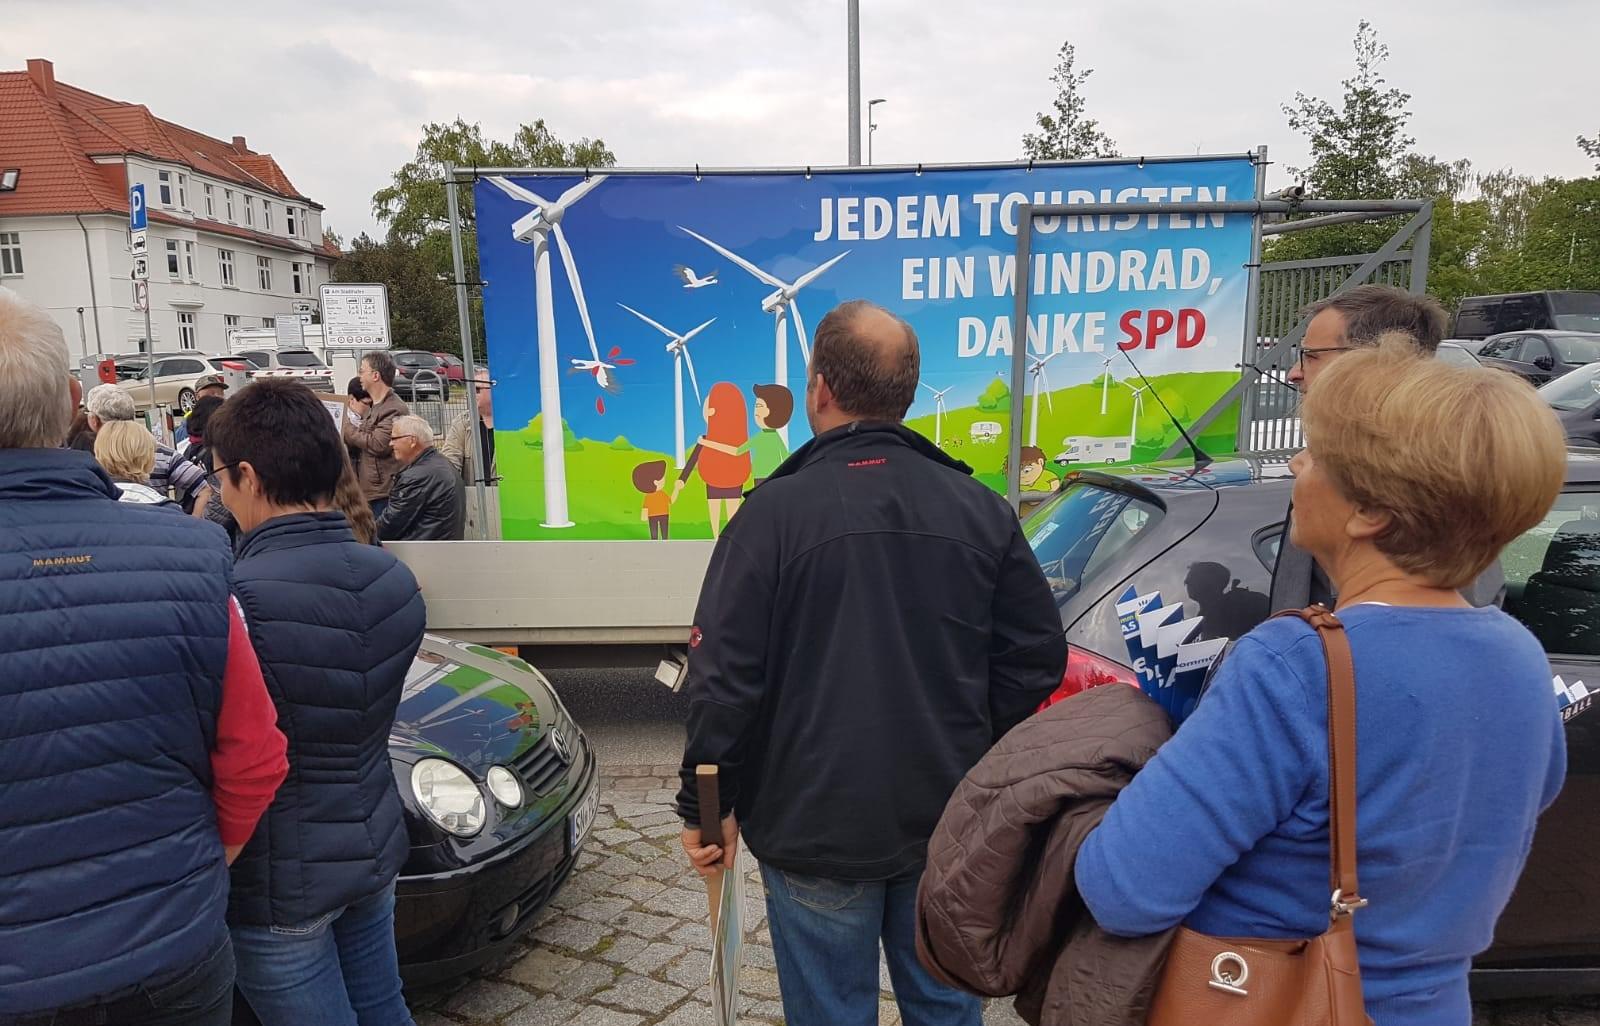 Windkraftkritiker setzen Zeichen gegen die Energiewende